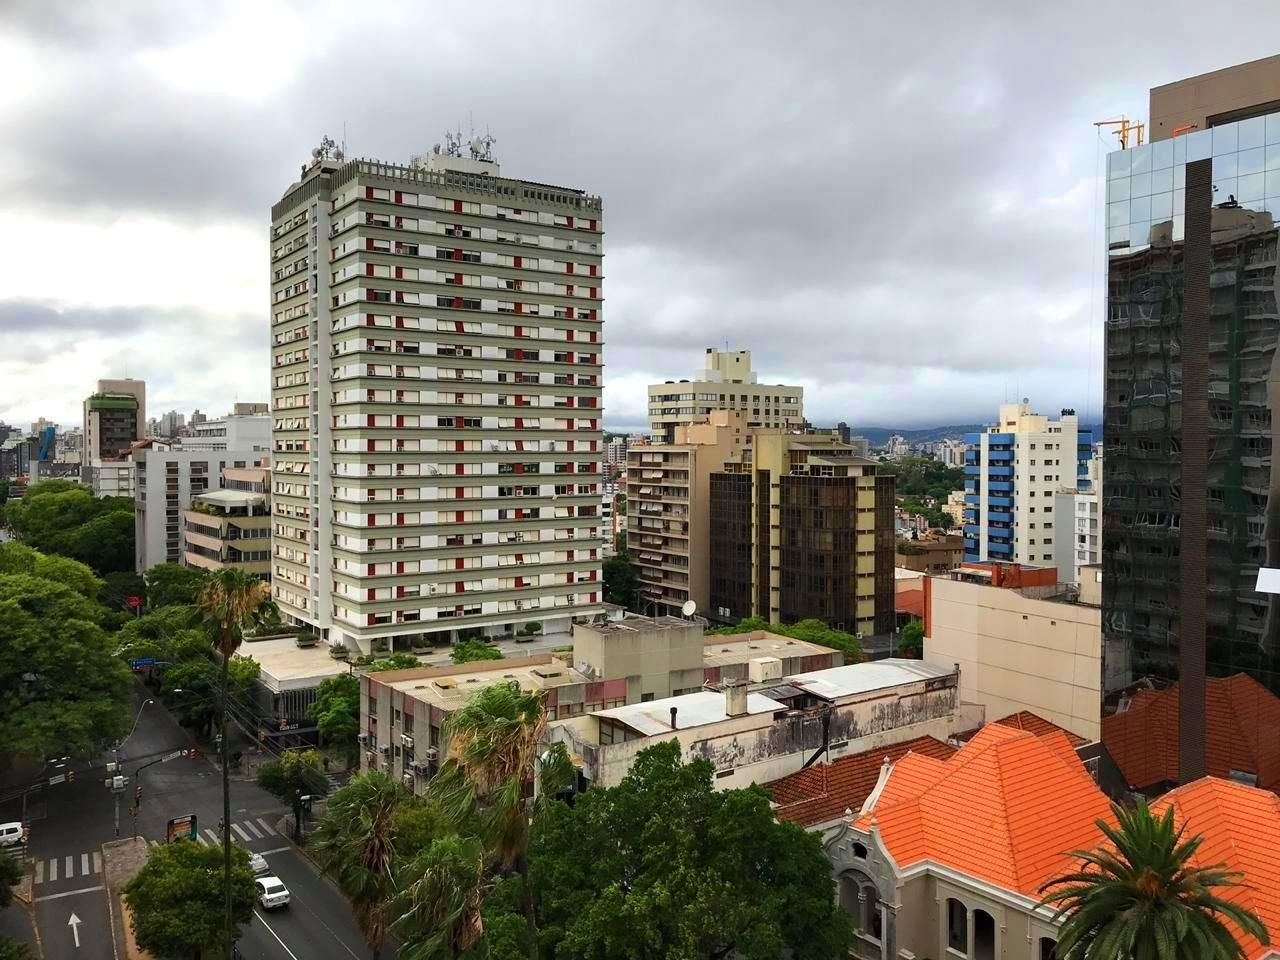 Apto 3 quartos, 170 m²  no bairro INDEPENDENCIA em PORTO ALEGRE/RS - Loja Imobiliária o seu portal de imóveis de locação